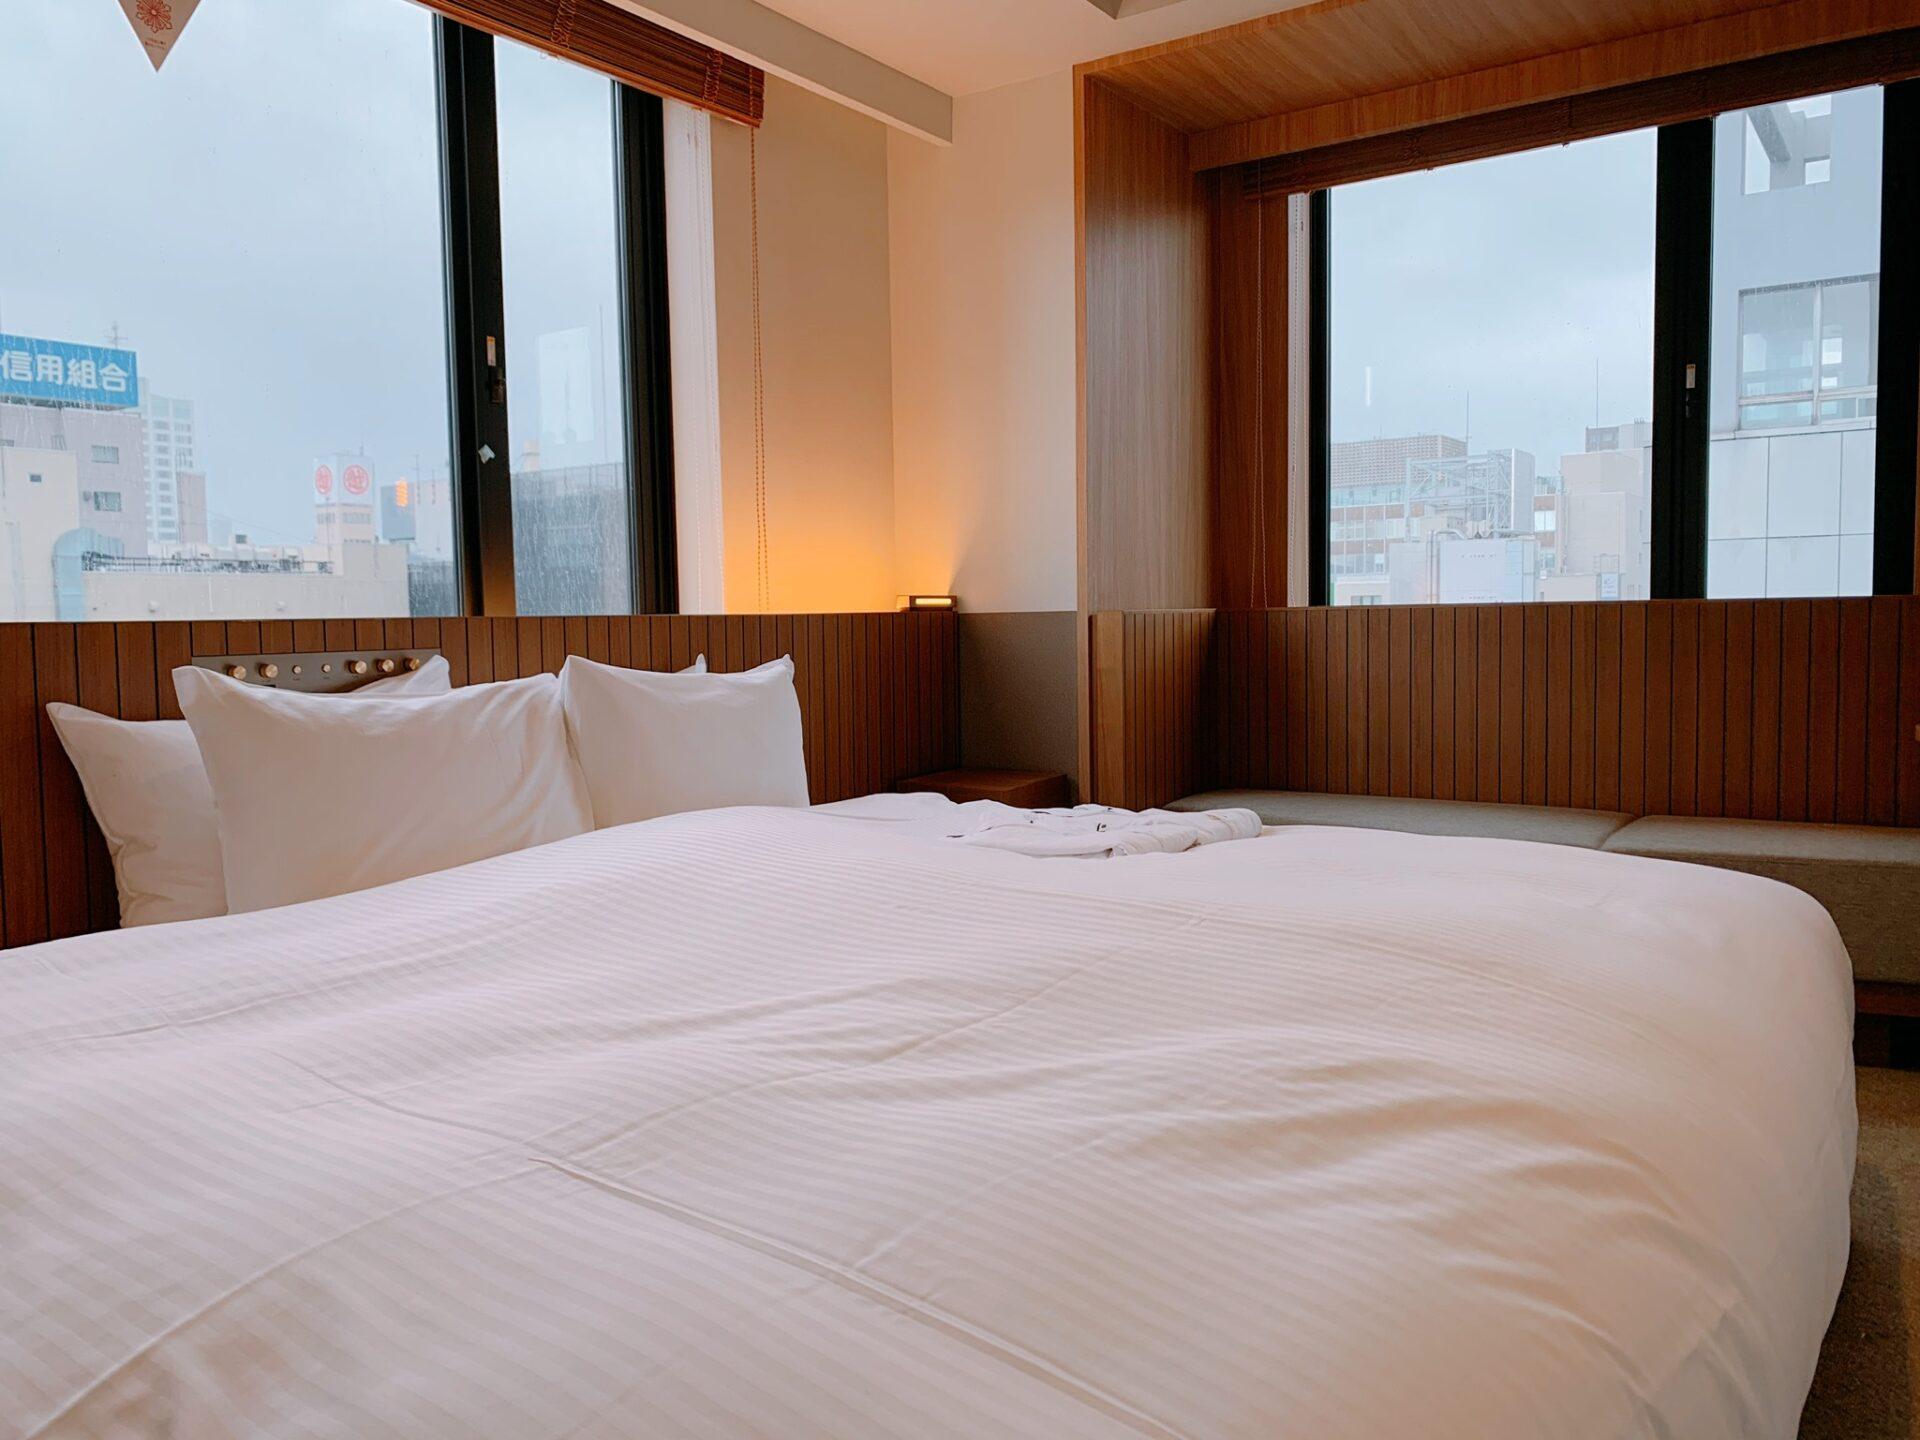 ビスポークホテル札幌 客室 ベッド